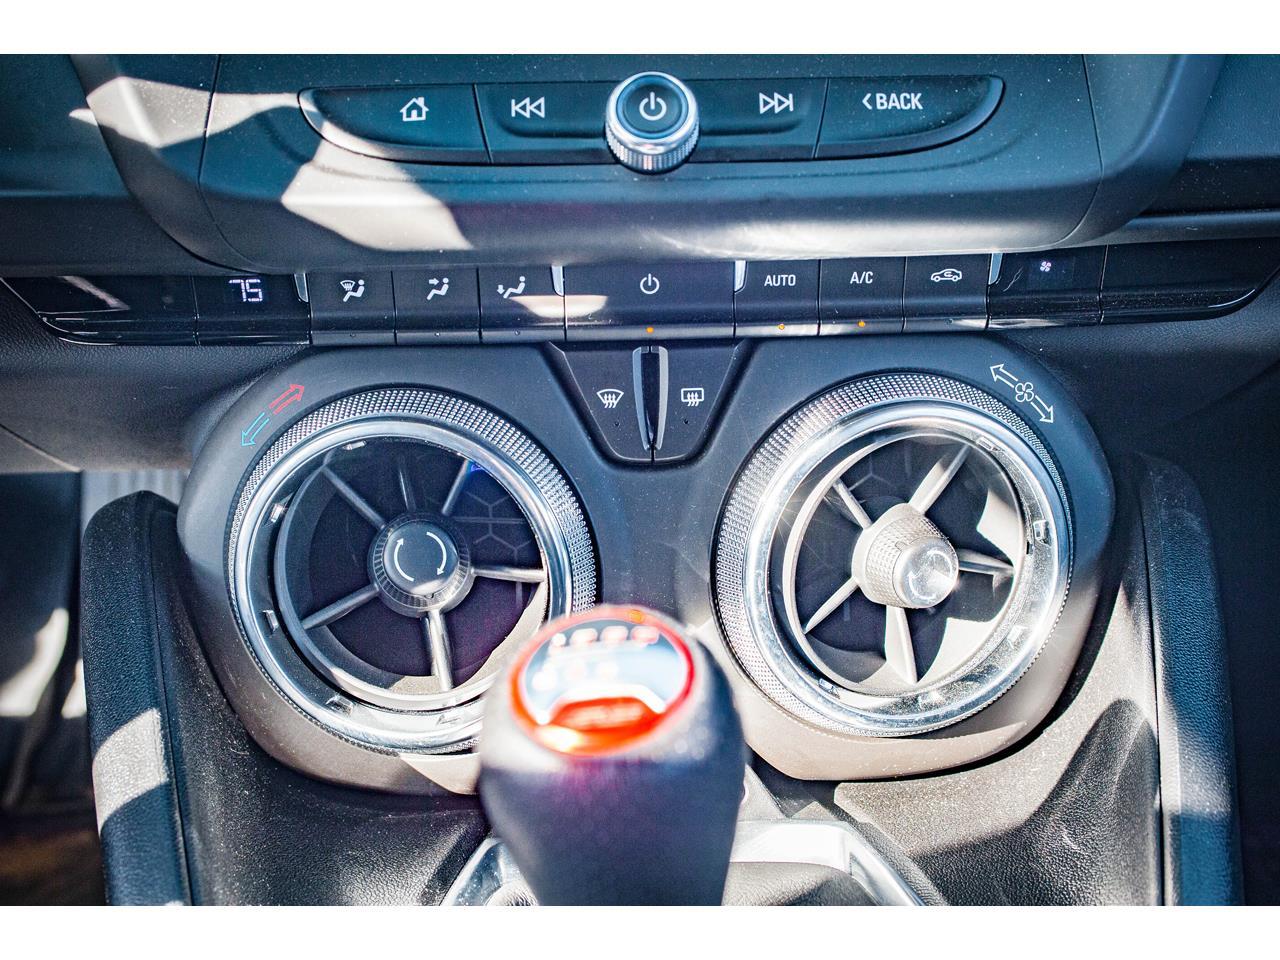 2018 Chevrolet Camaro (CC-1306636) for sale in O'Fallon, Illinois